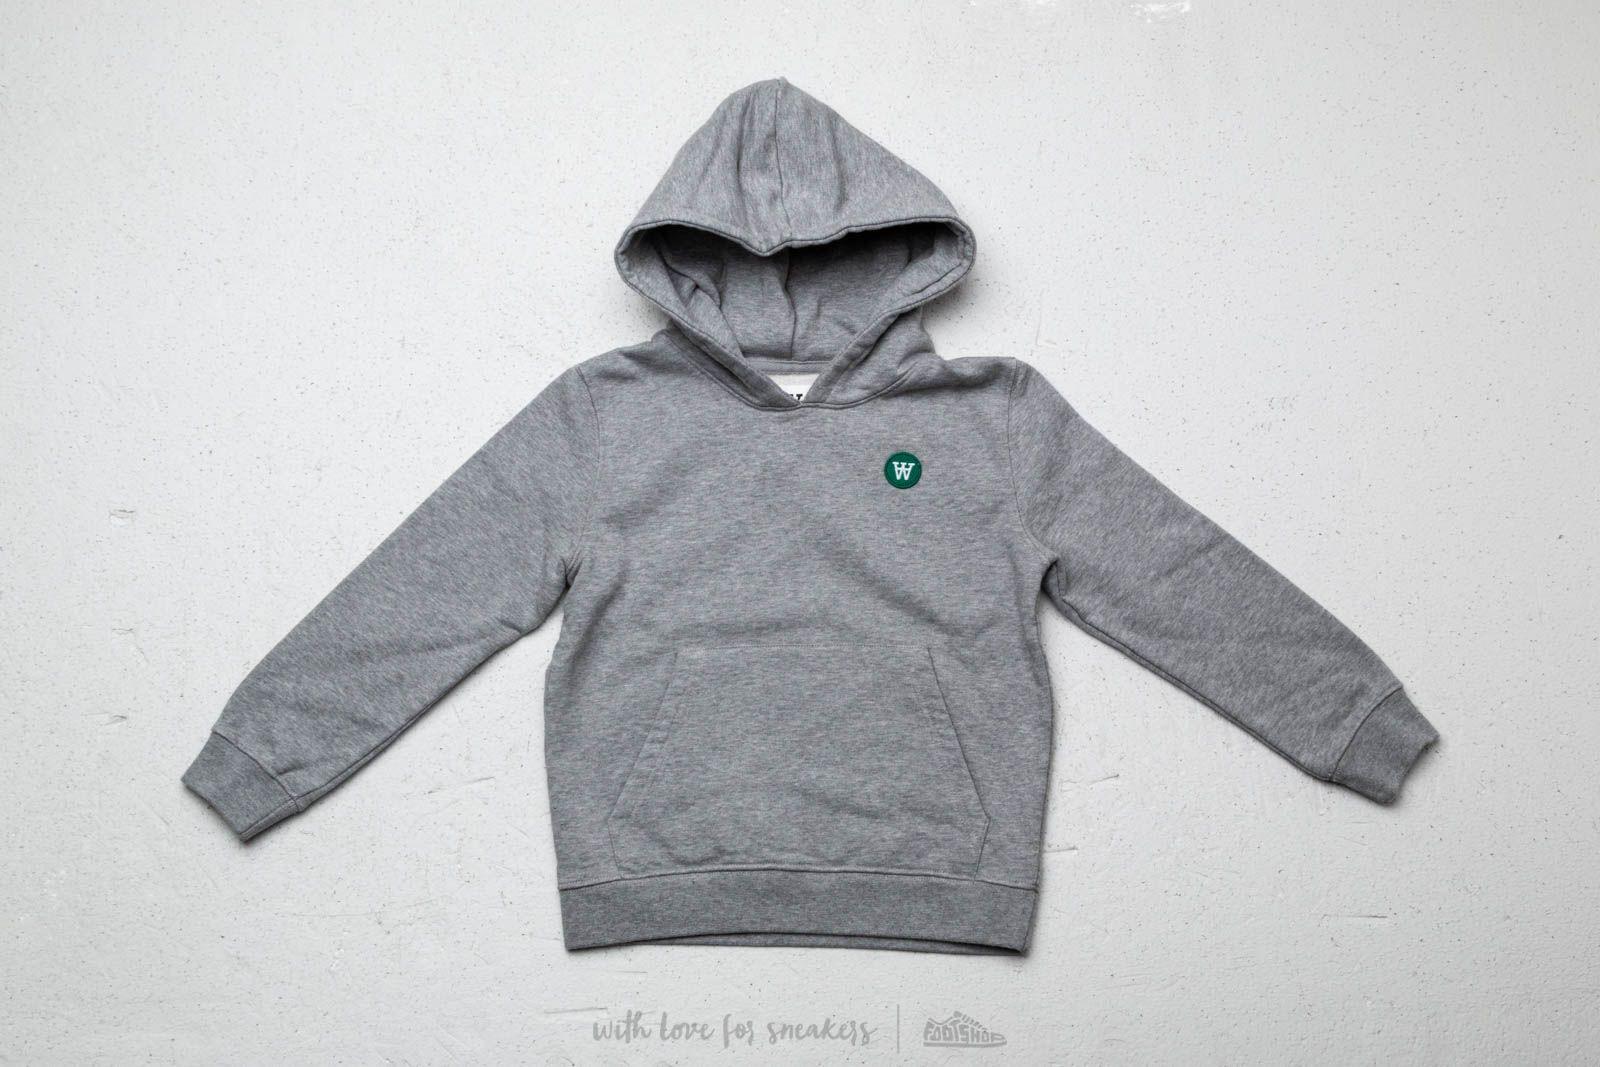 WOOD WOOD Kids Izzy Hoodie Grey Melange za skvělou cenu 2 090 Kč koupíte na Footshop.cz